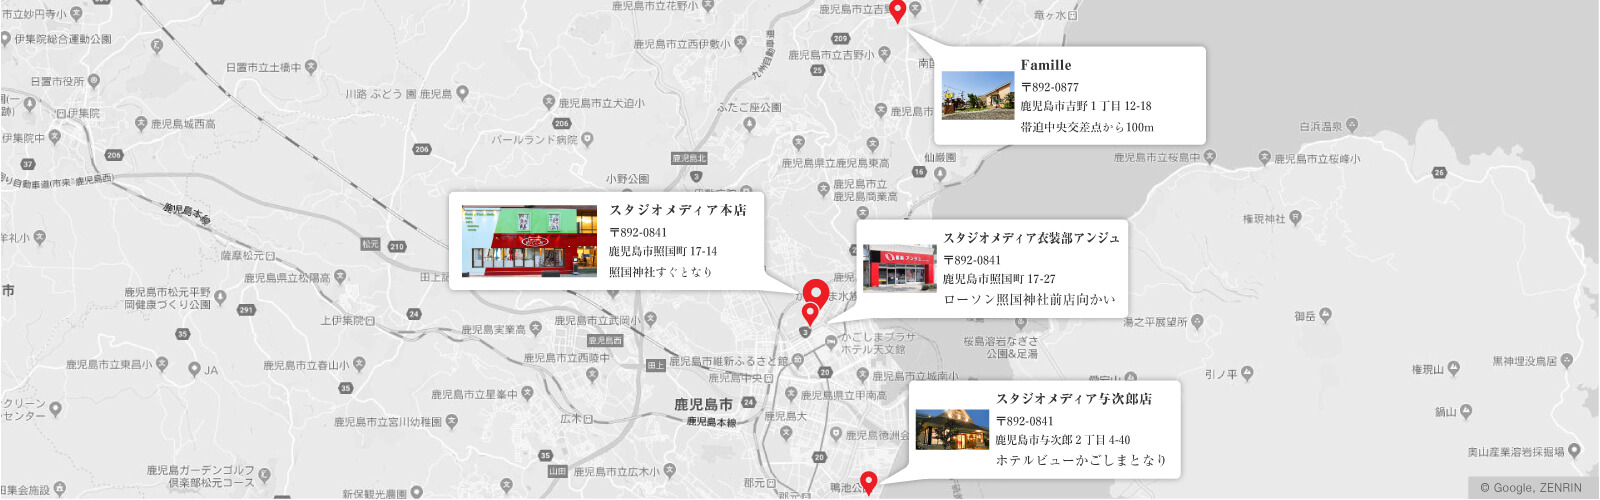 スタジオメディアグループ地図